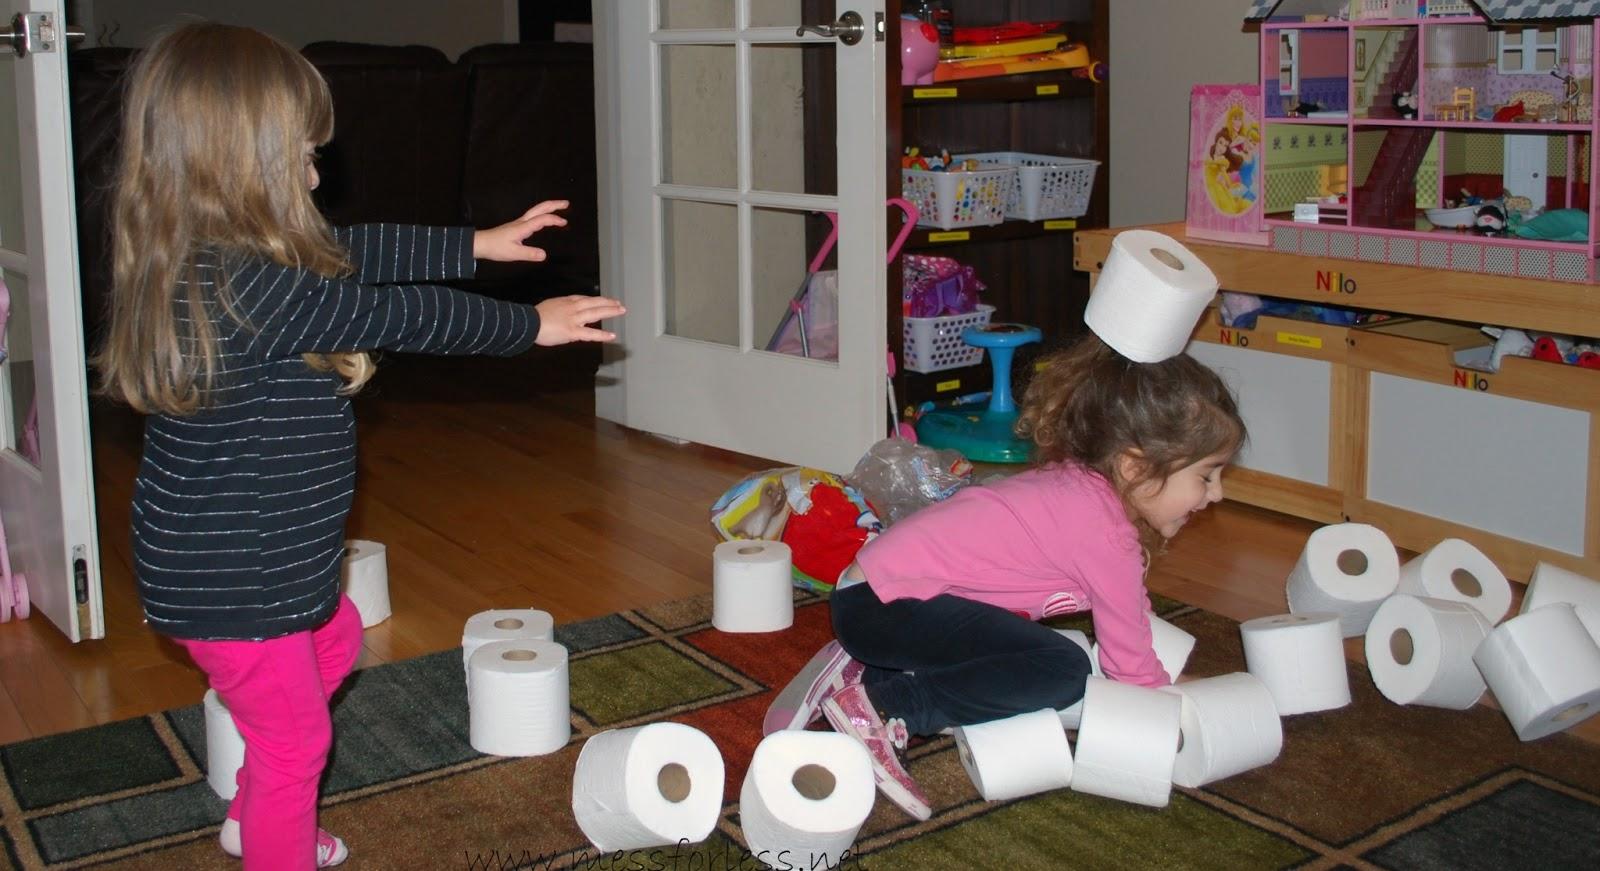 Xem 15 trò chơi sáng tạo của trẻ con, người lớn sẽ phải công nhận chúng quả là thiên tài - Ảnh 5.